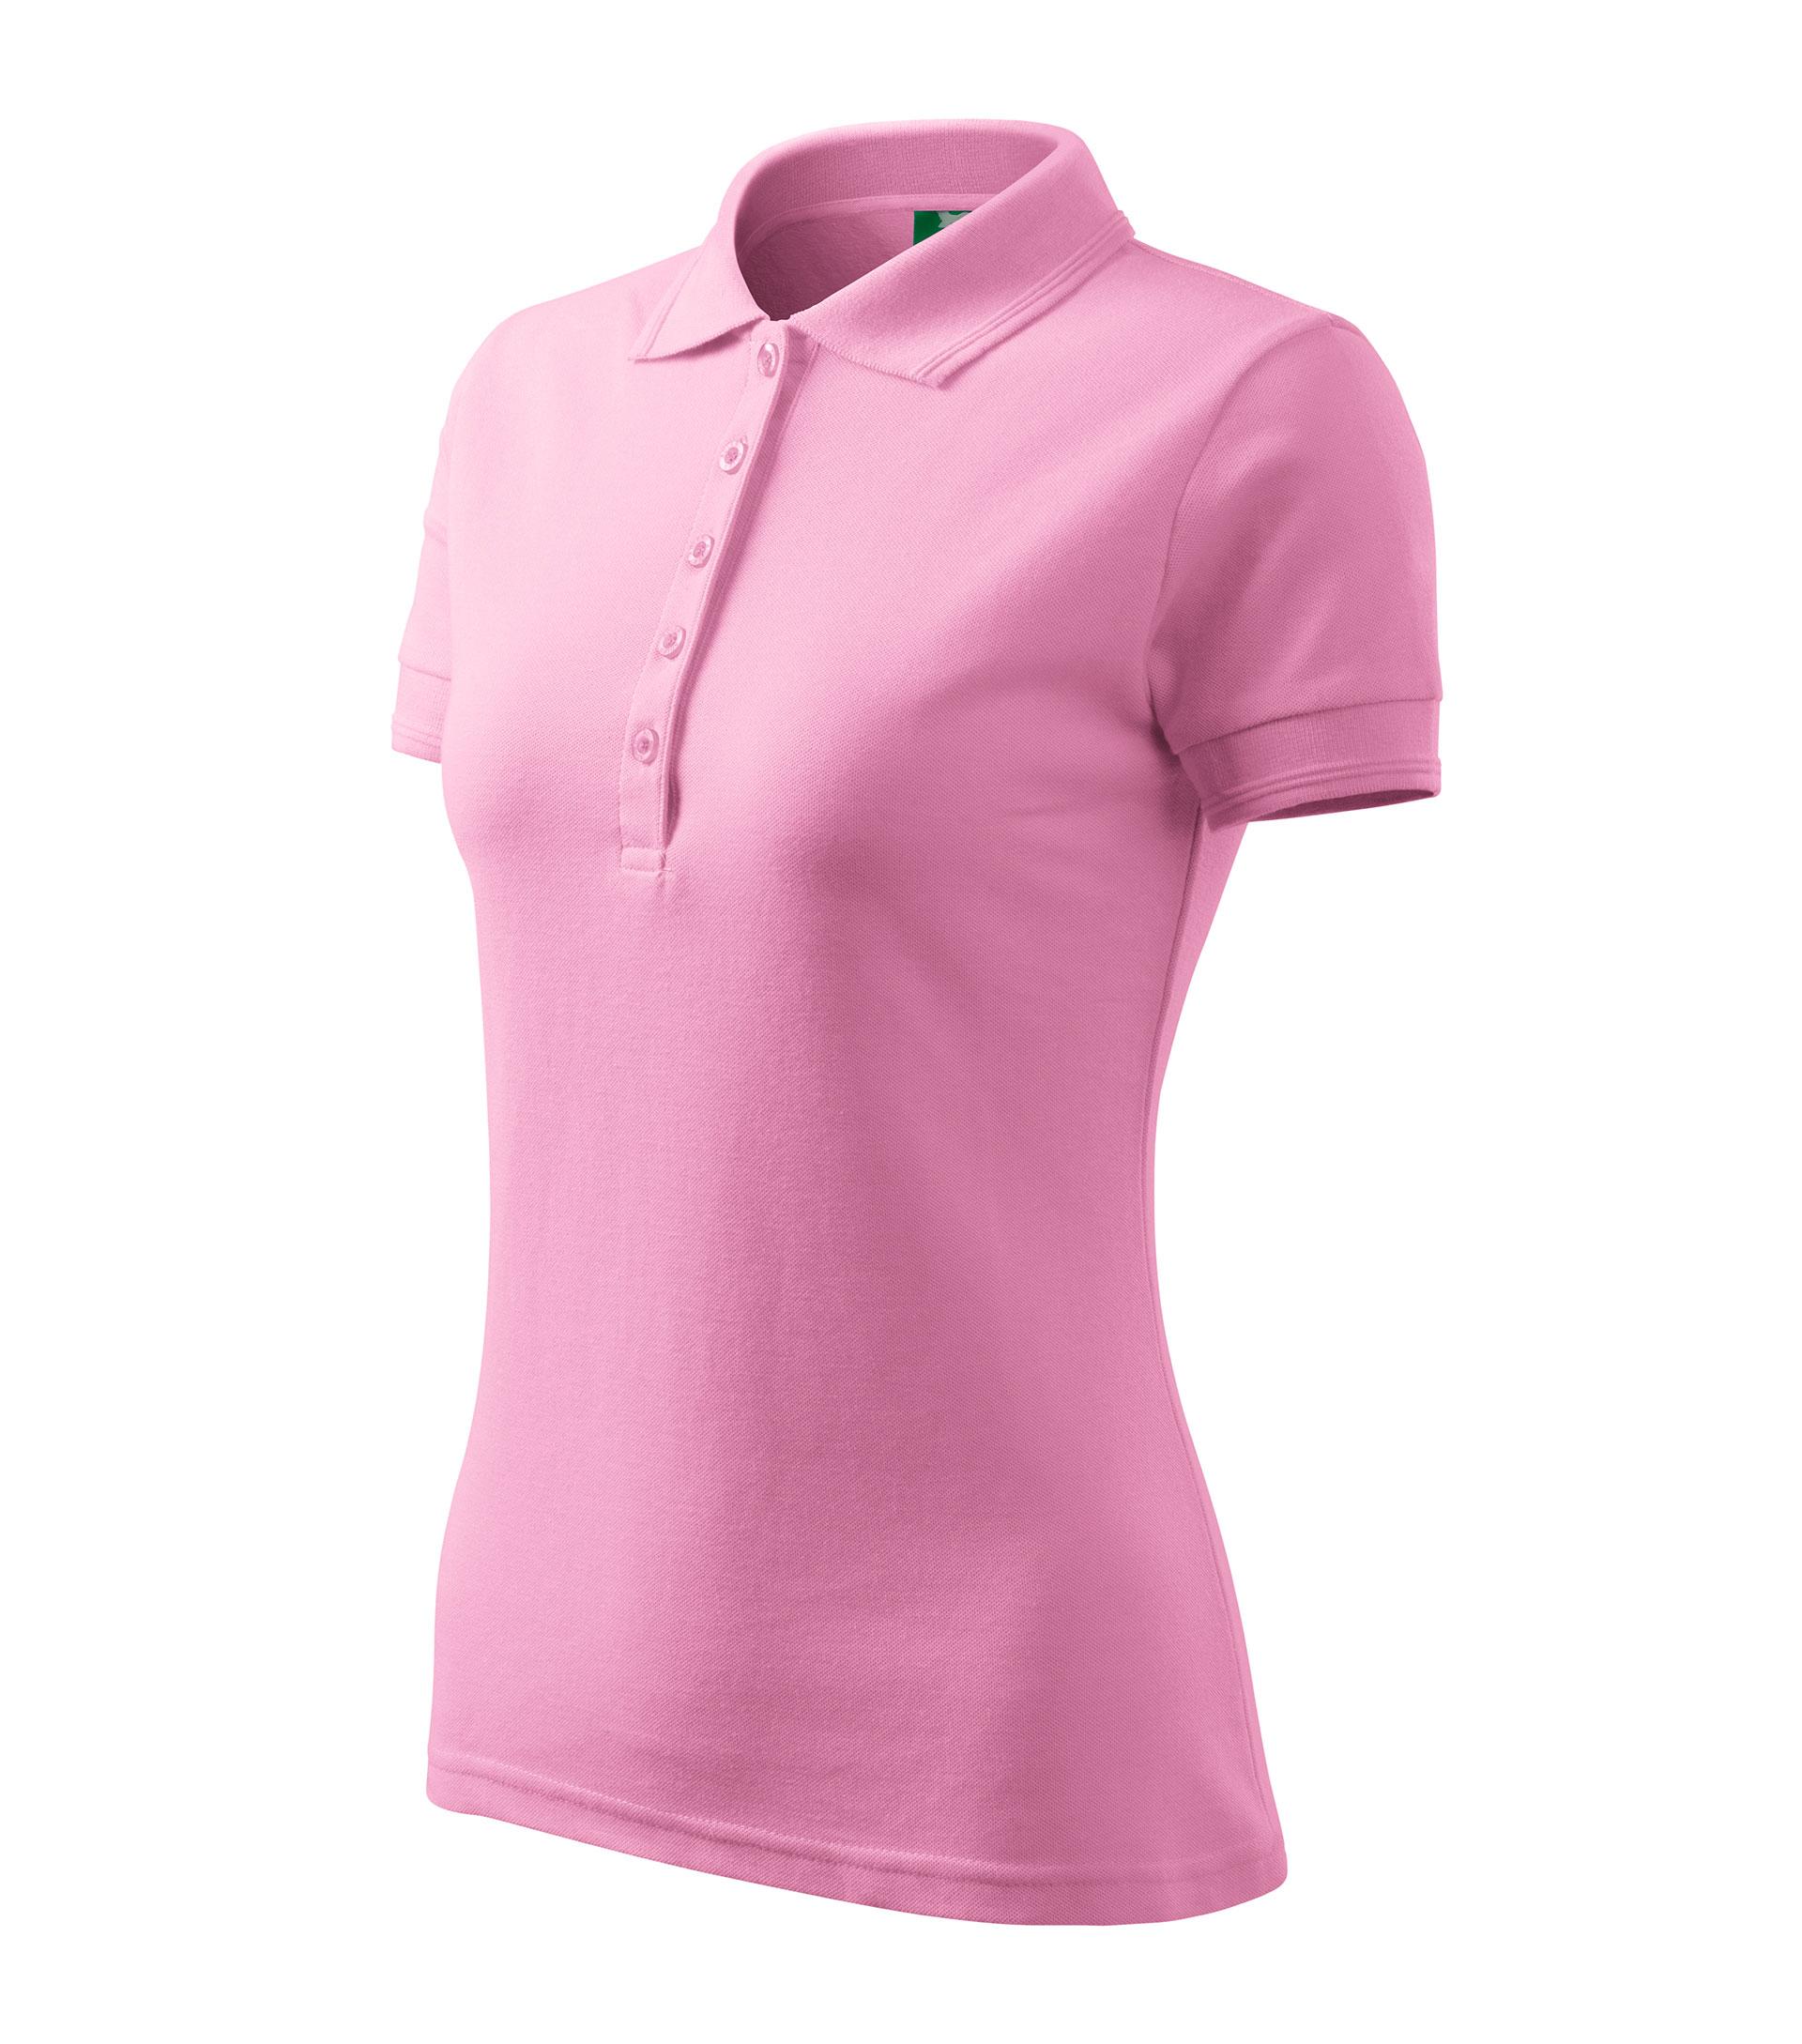 713a87e9d44e Galléros póló női Pique Polo rózsaszín S